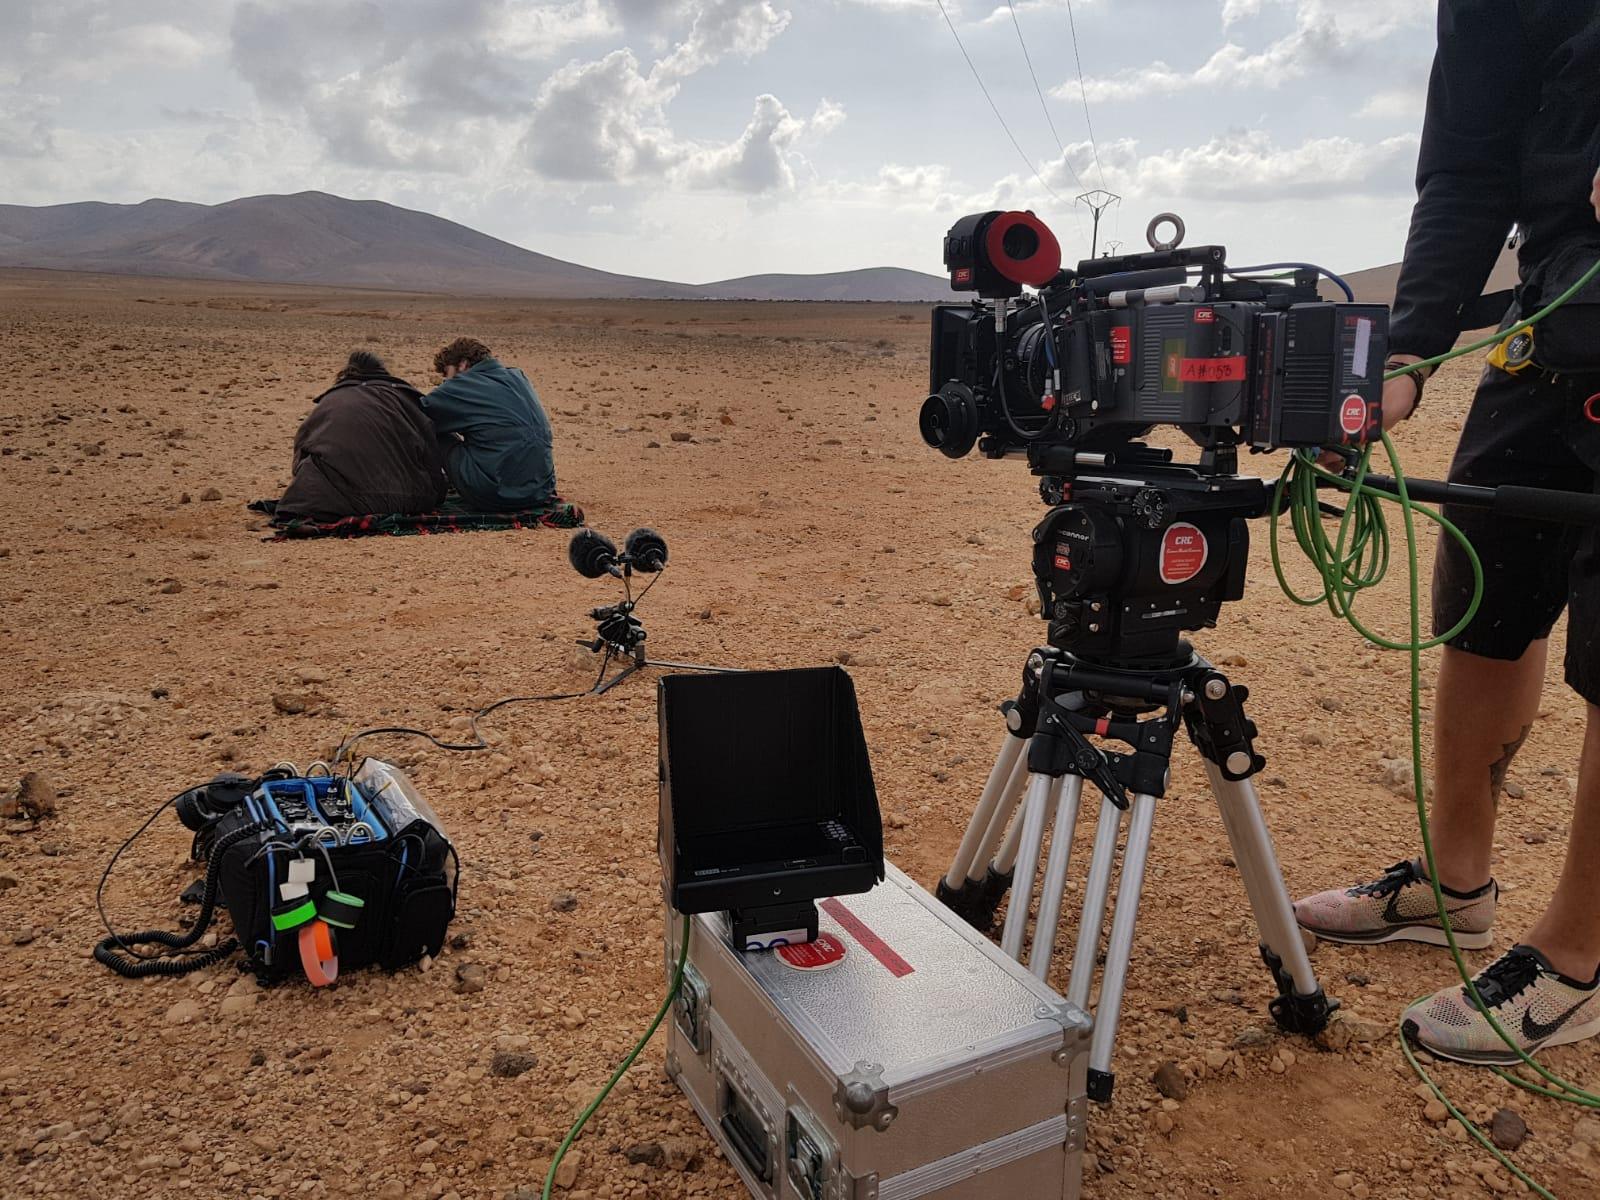 Subvención para 21 nuevos proyectos audiovisuales canarios con más de un millón de euros